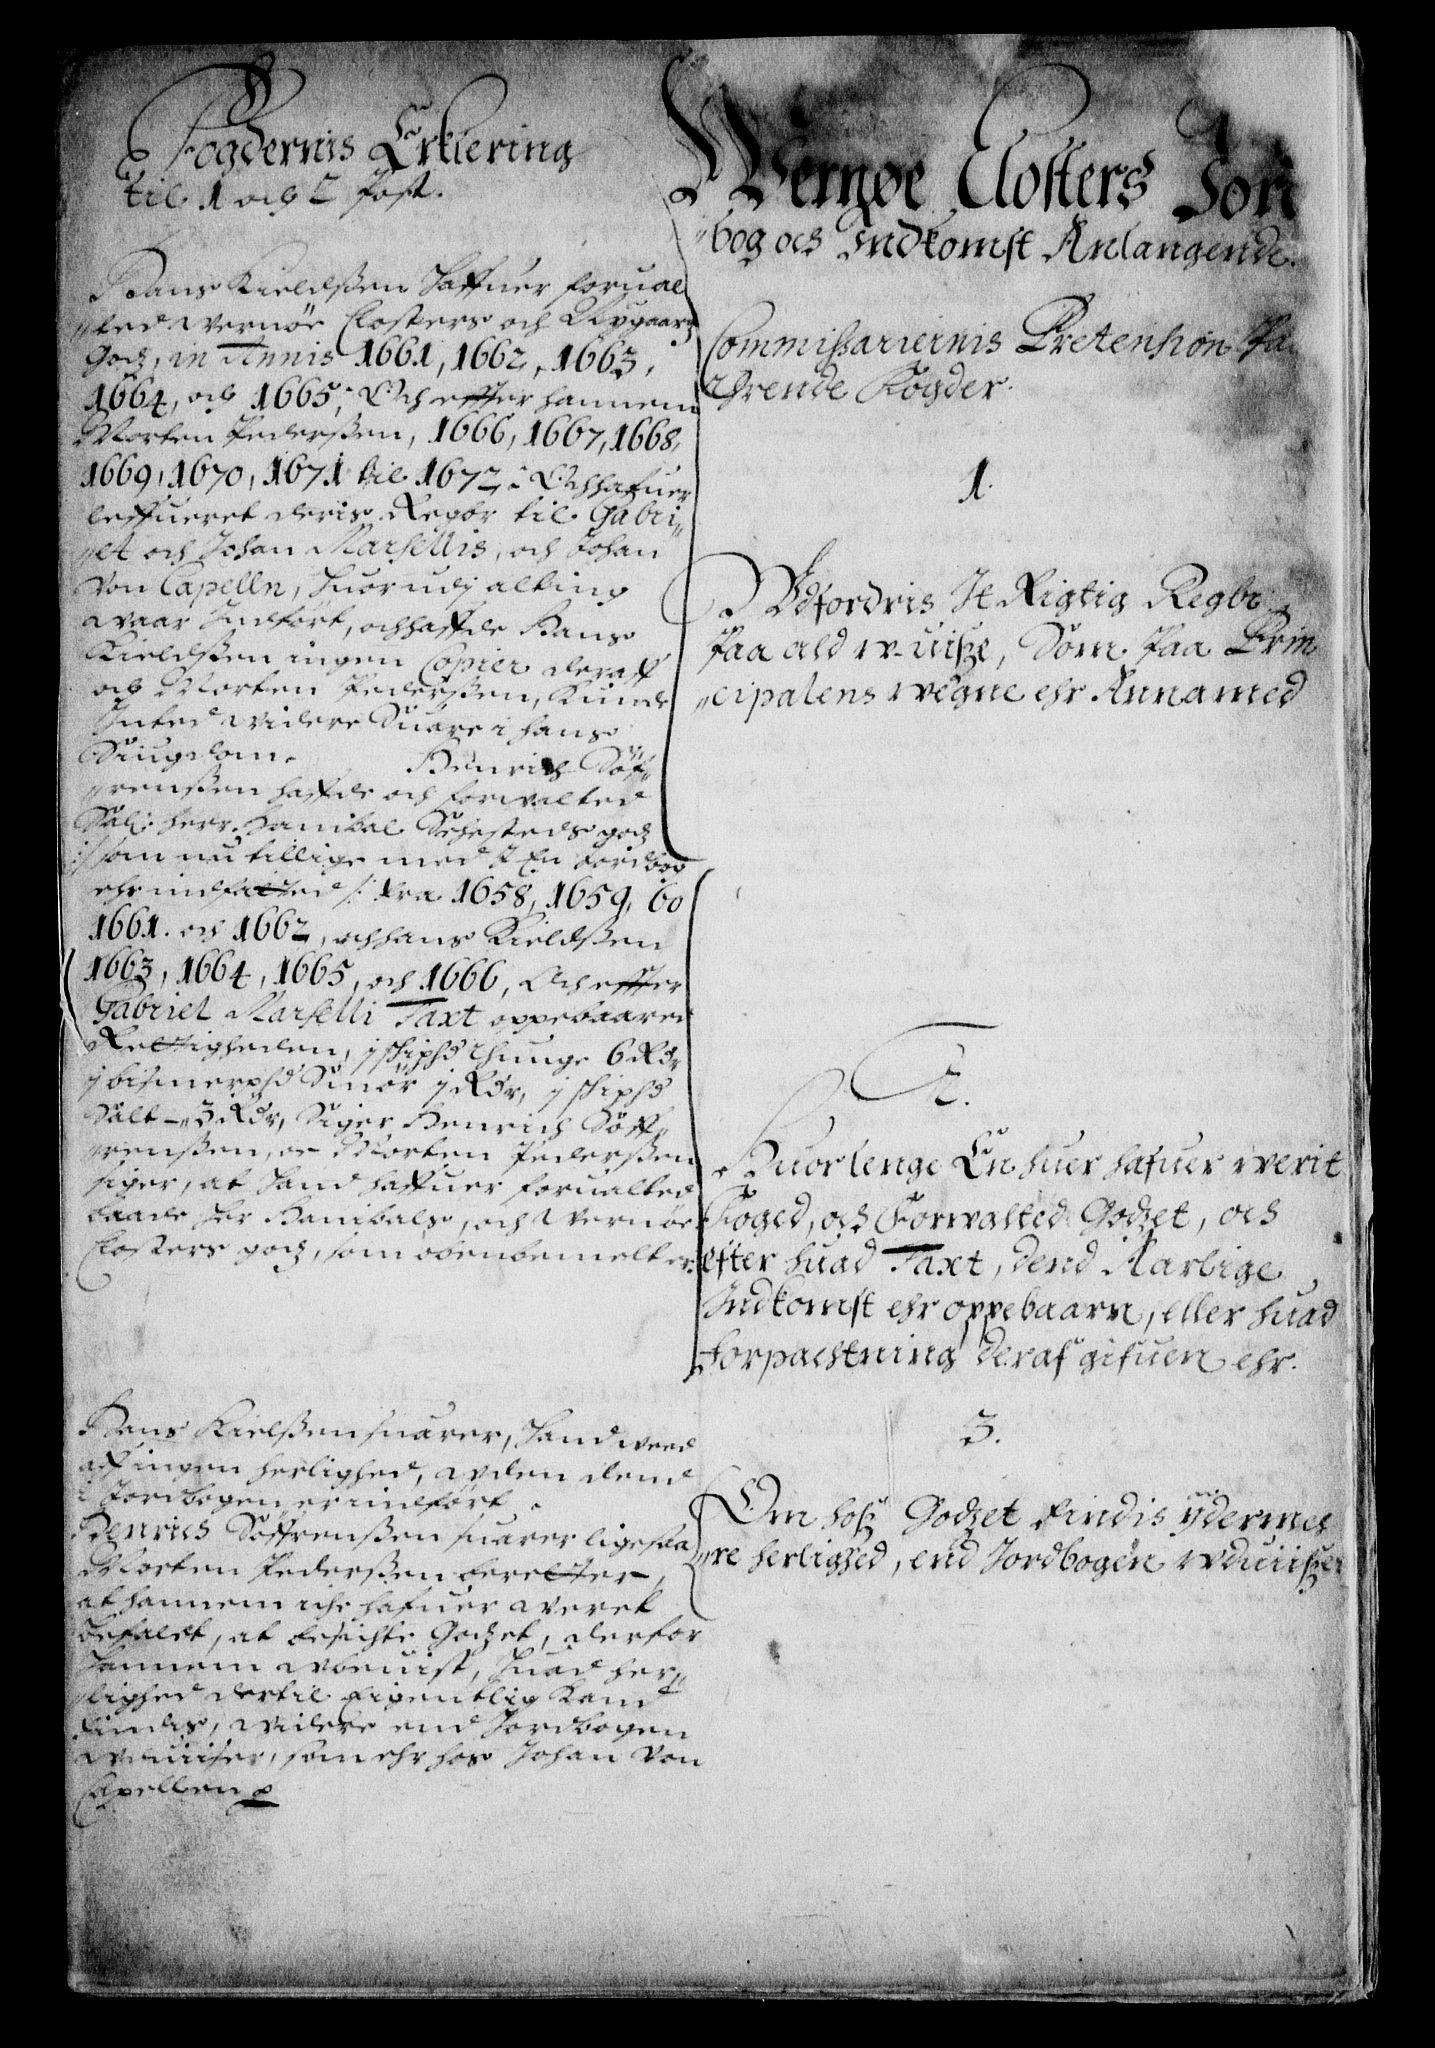 RA, Rentekammeret inntil 1814, Realistisk ordnet avdeling, On/L0007: [Jj 8]: Jordebøker og dokumenter innlevert til kongelig kommisjon 1672: Verne klosters gods, 1658-1672, s. 152